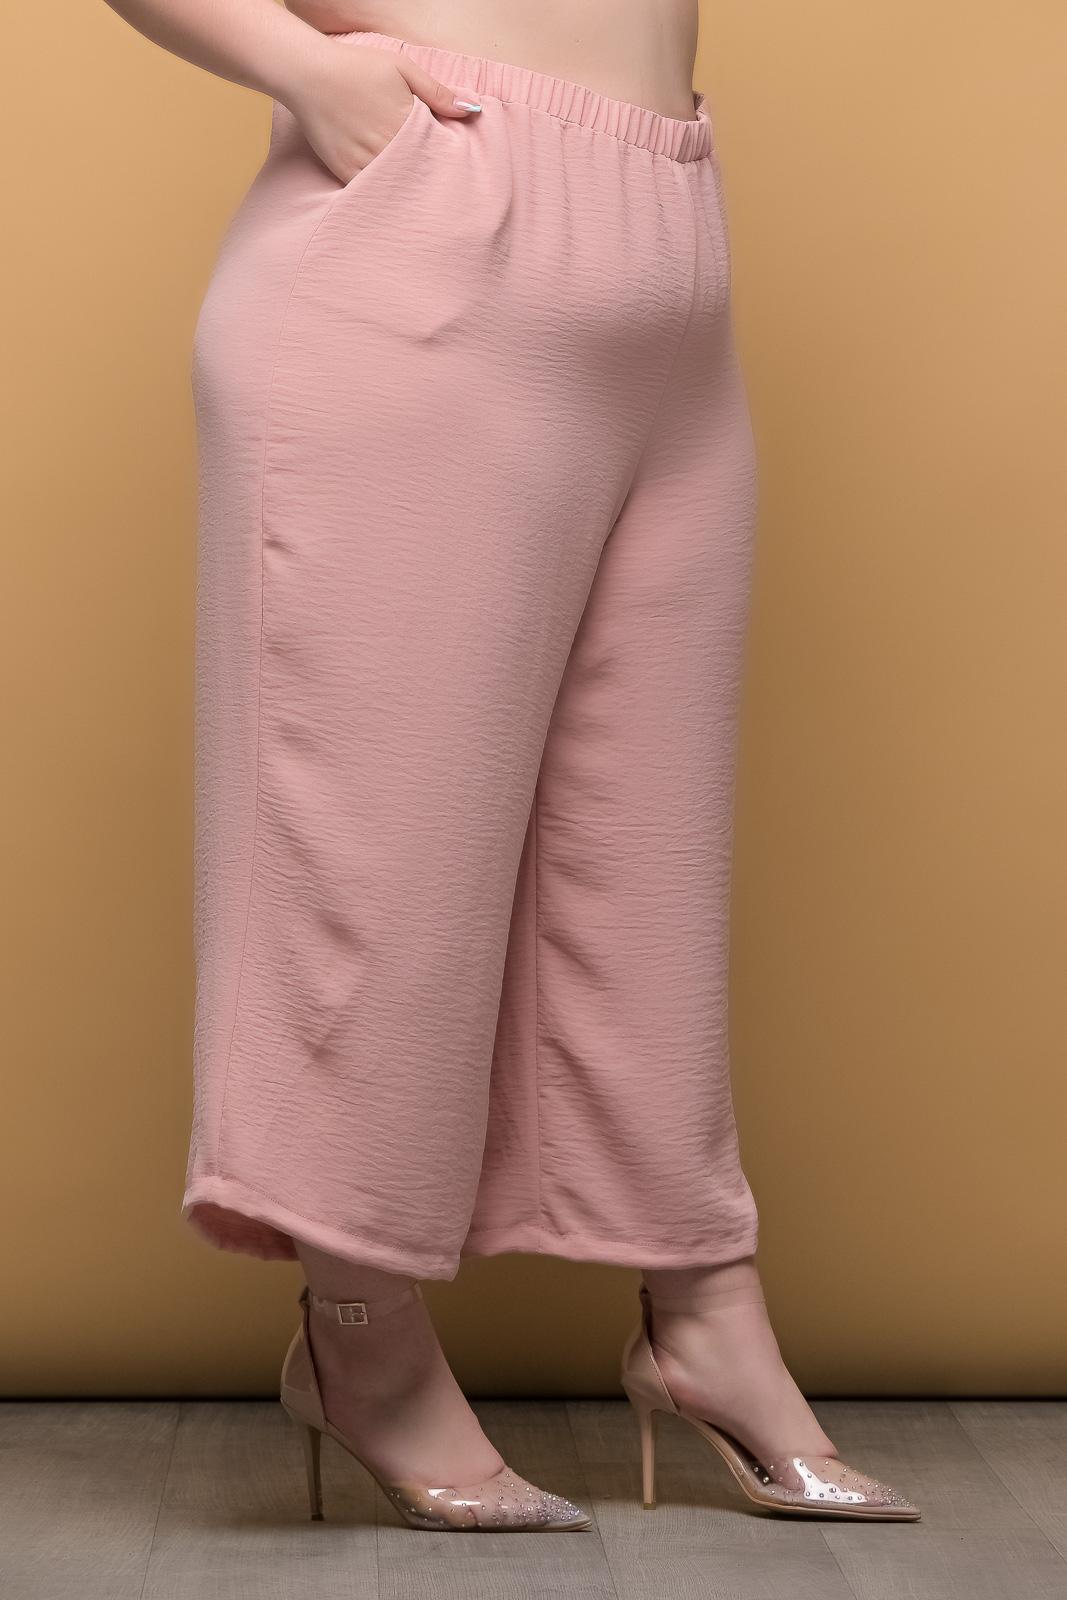 Ζιπ κιλοτ μεγάλα μεγέθη σομόν ανάλαφρη με λάστιχο στη μέση.Στο eshop μας θα βρείτε οικονομικά γυναίκεια ρούχα σε μεγάλα μεγέθη και υπερμεγέθη.